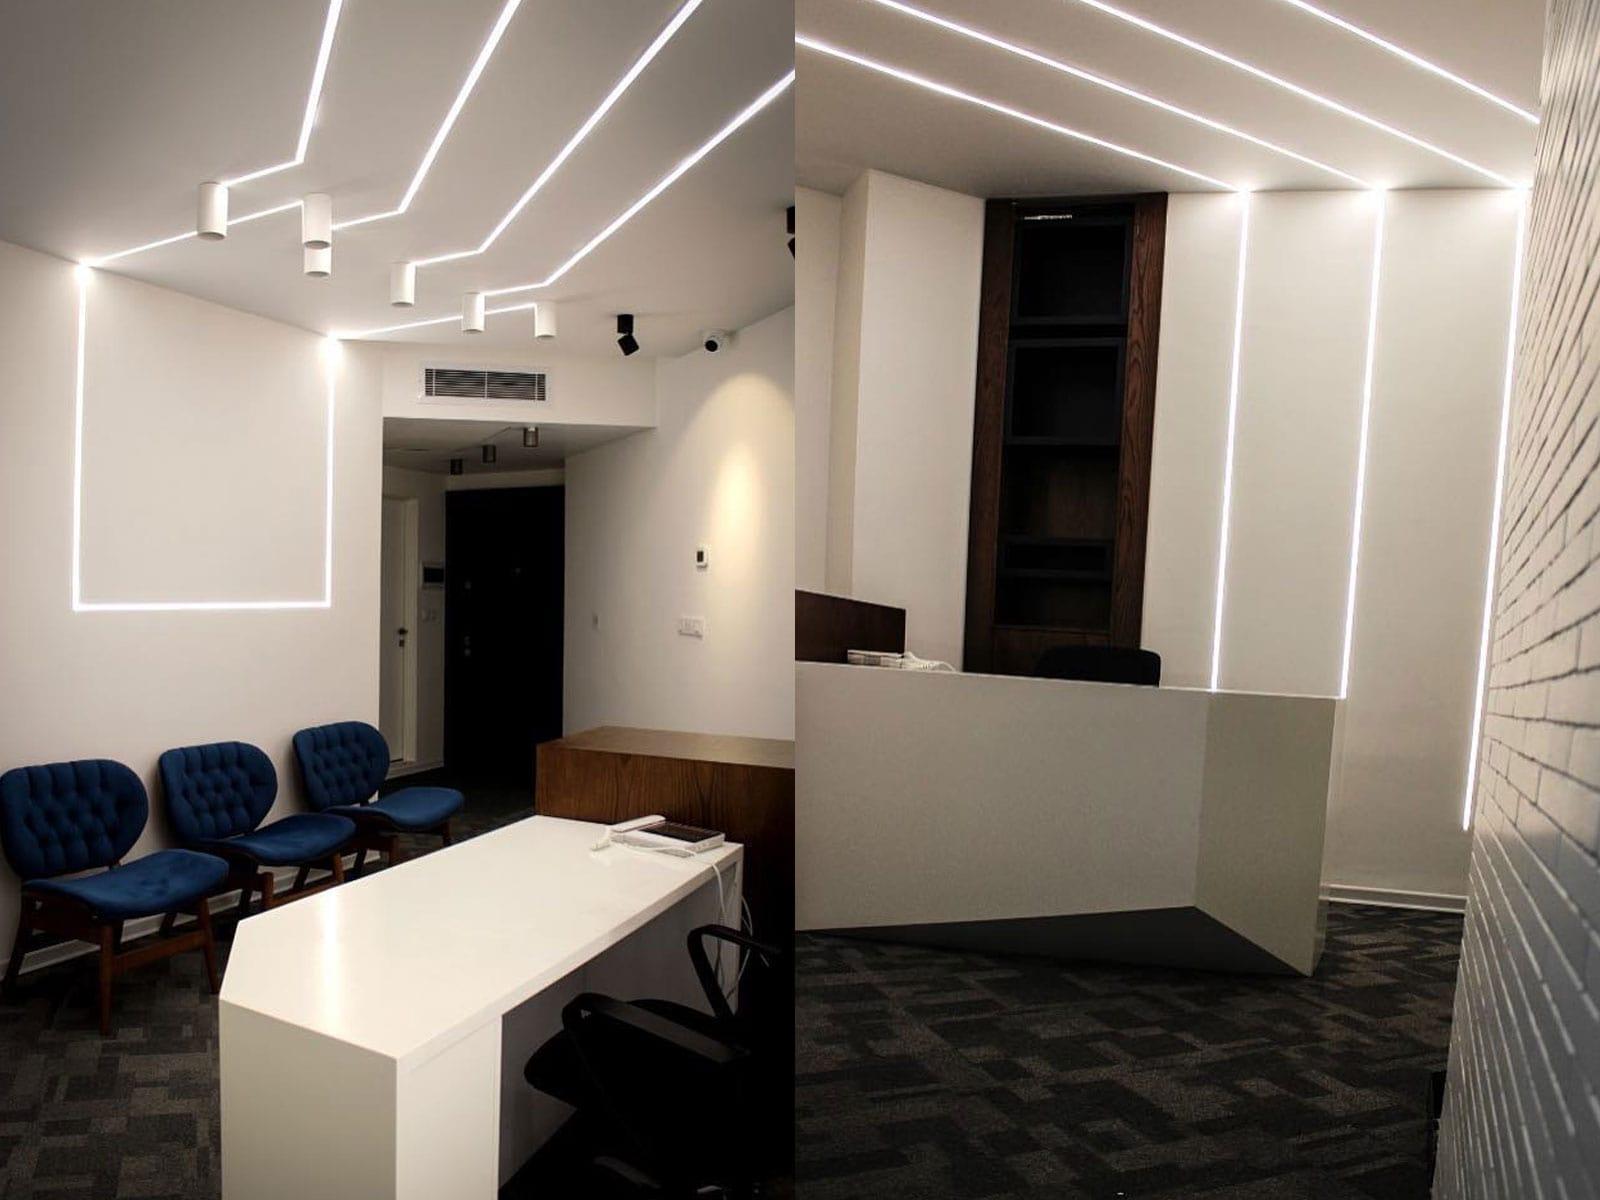 پروژه نورپردازی   طراحی نورپردازی   نورپردازی گالری   شرکت نورپردازی   چراغ ریلی   نورپردازی آتلیه پروژههای نورپردازی و روشنایی